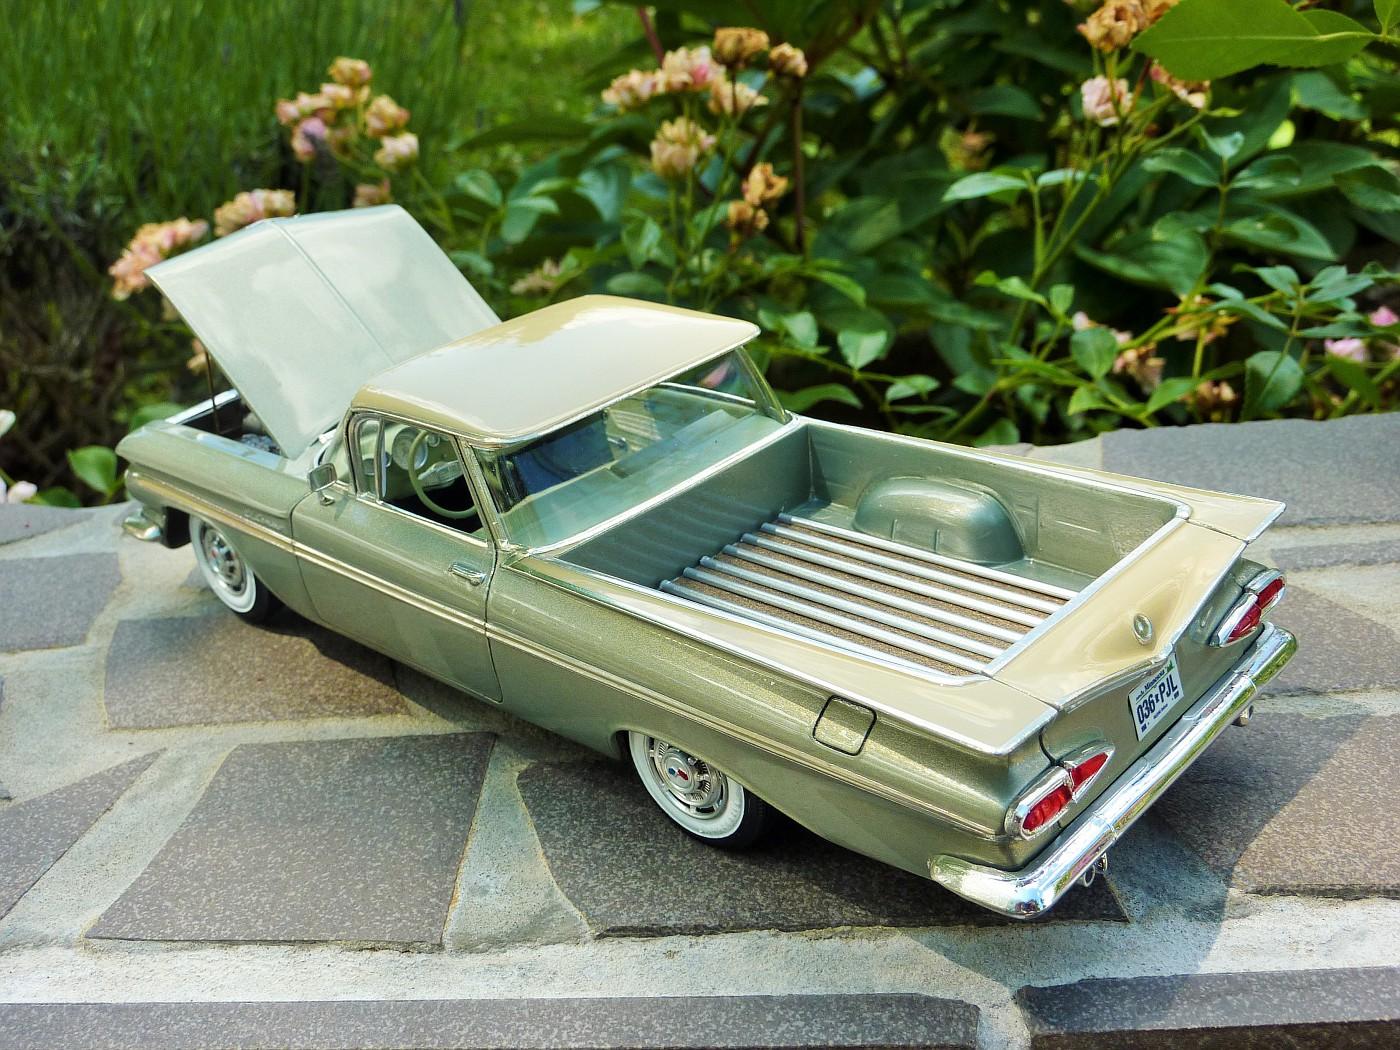 restauration Chevy EL camino 59  P1290106-vi